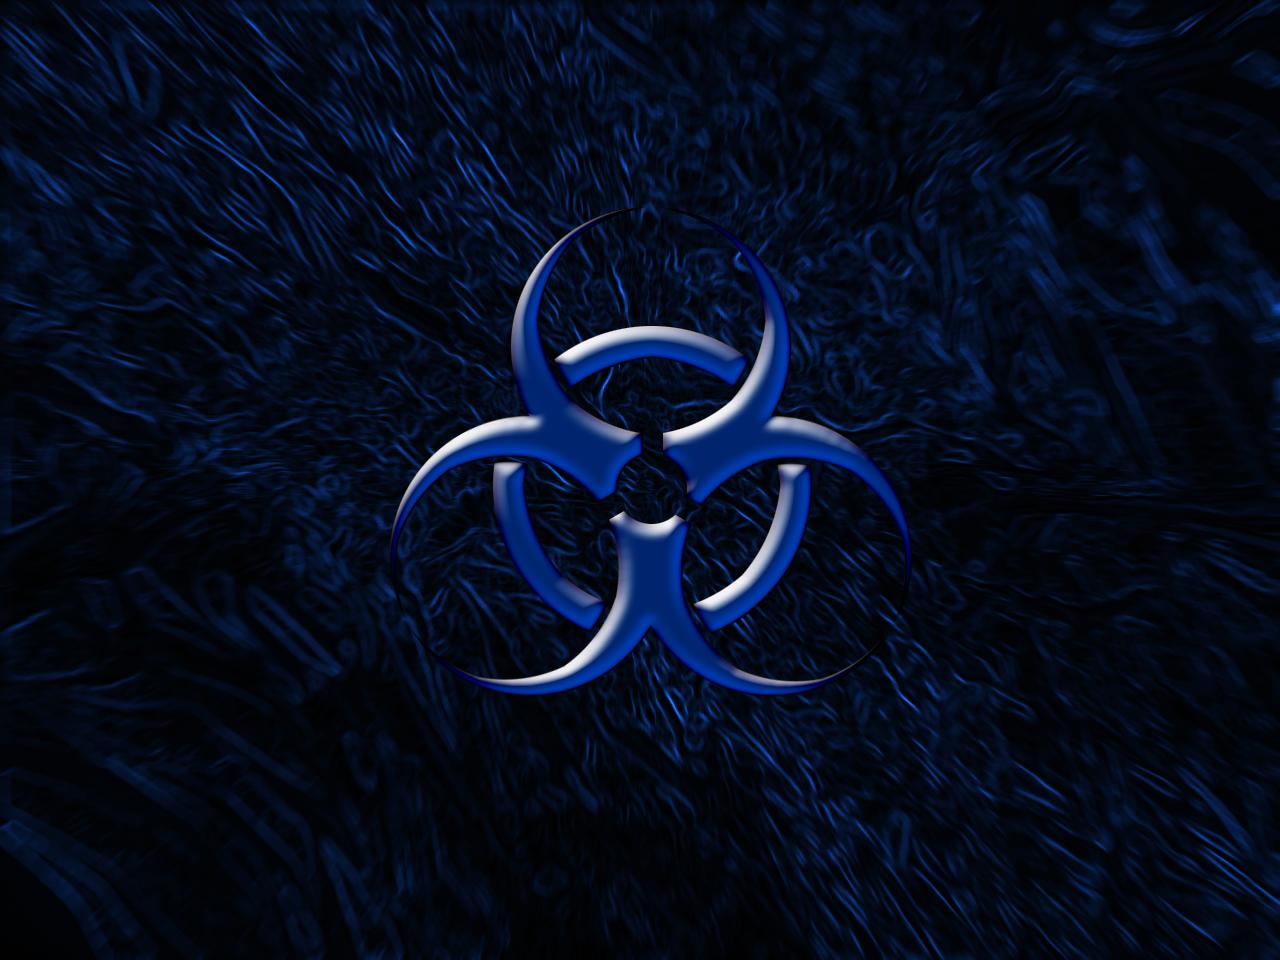 BioHazard Blue by GrimreapeR1990 on DeviantArt